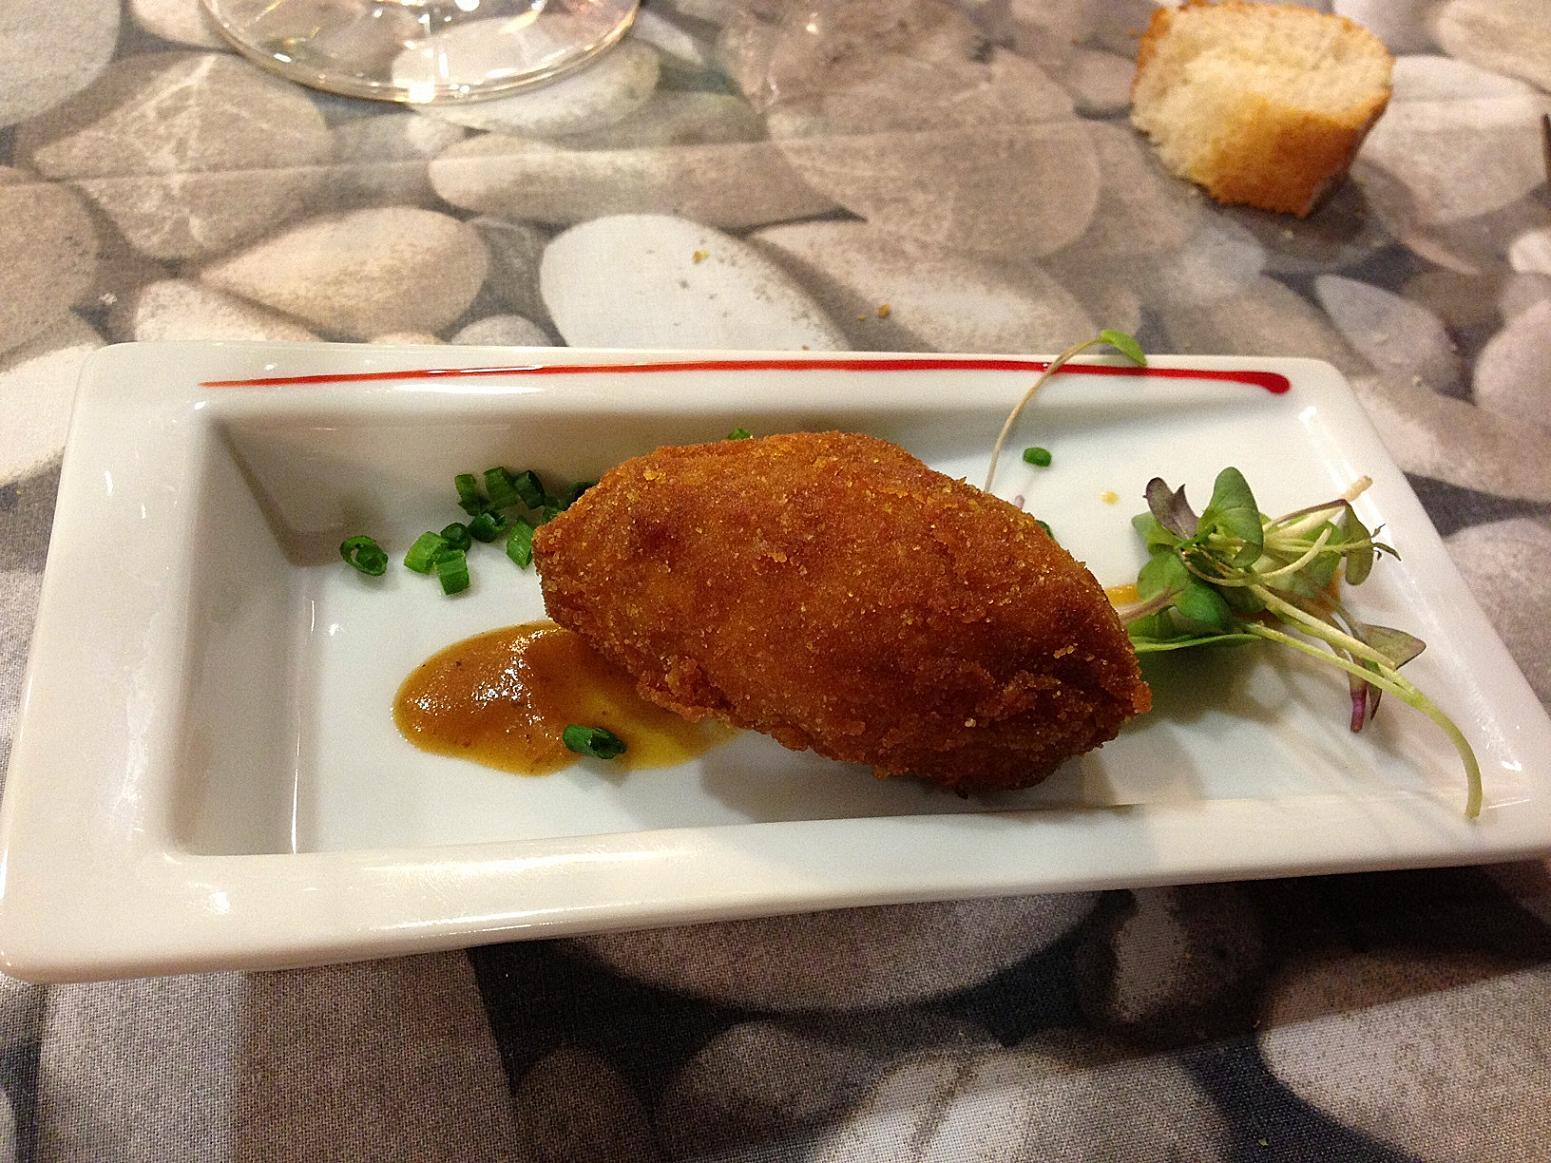 Restaurante en Valencia La rica croqueta, suerte que no sabía de qué era...